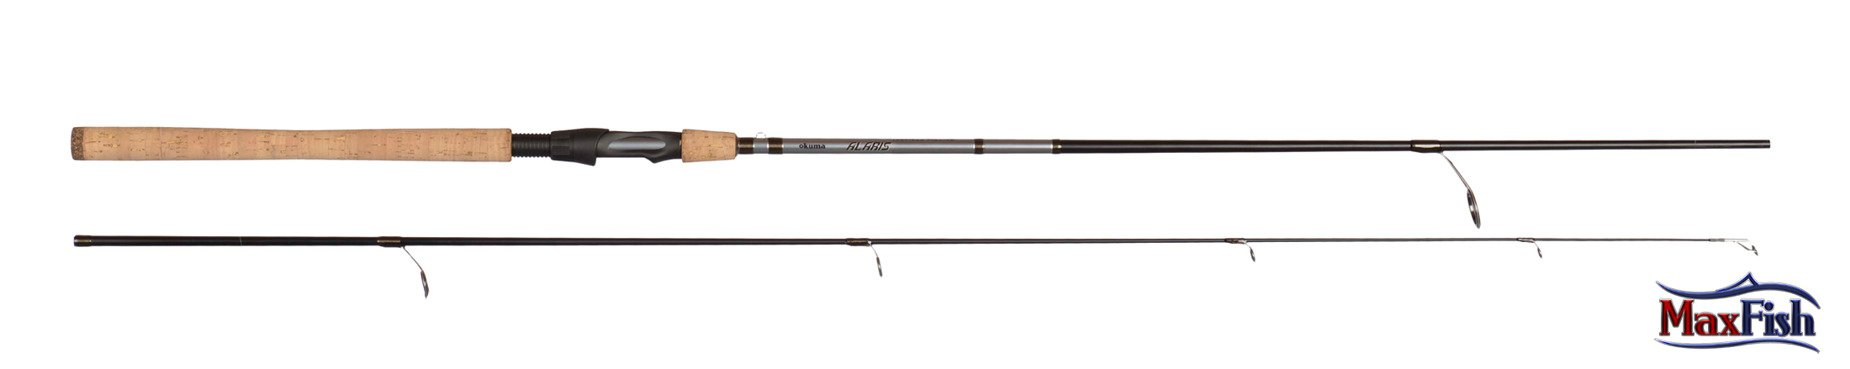 Okuma Alaris Spin Fc 258cm 20-60g